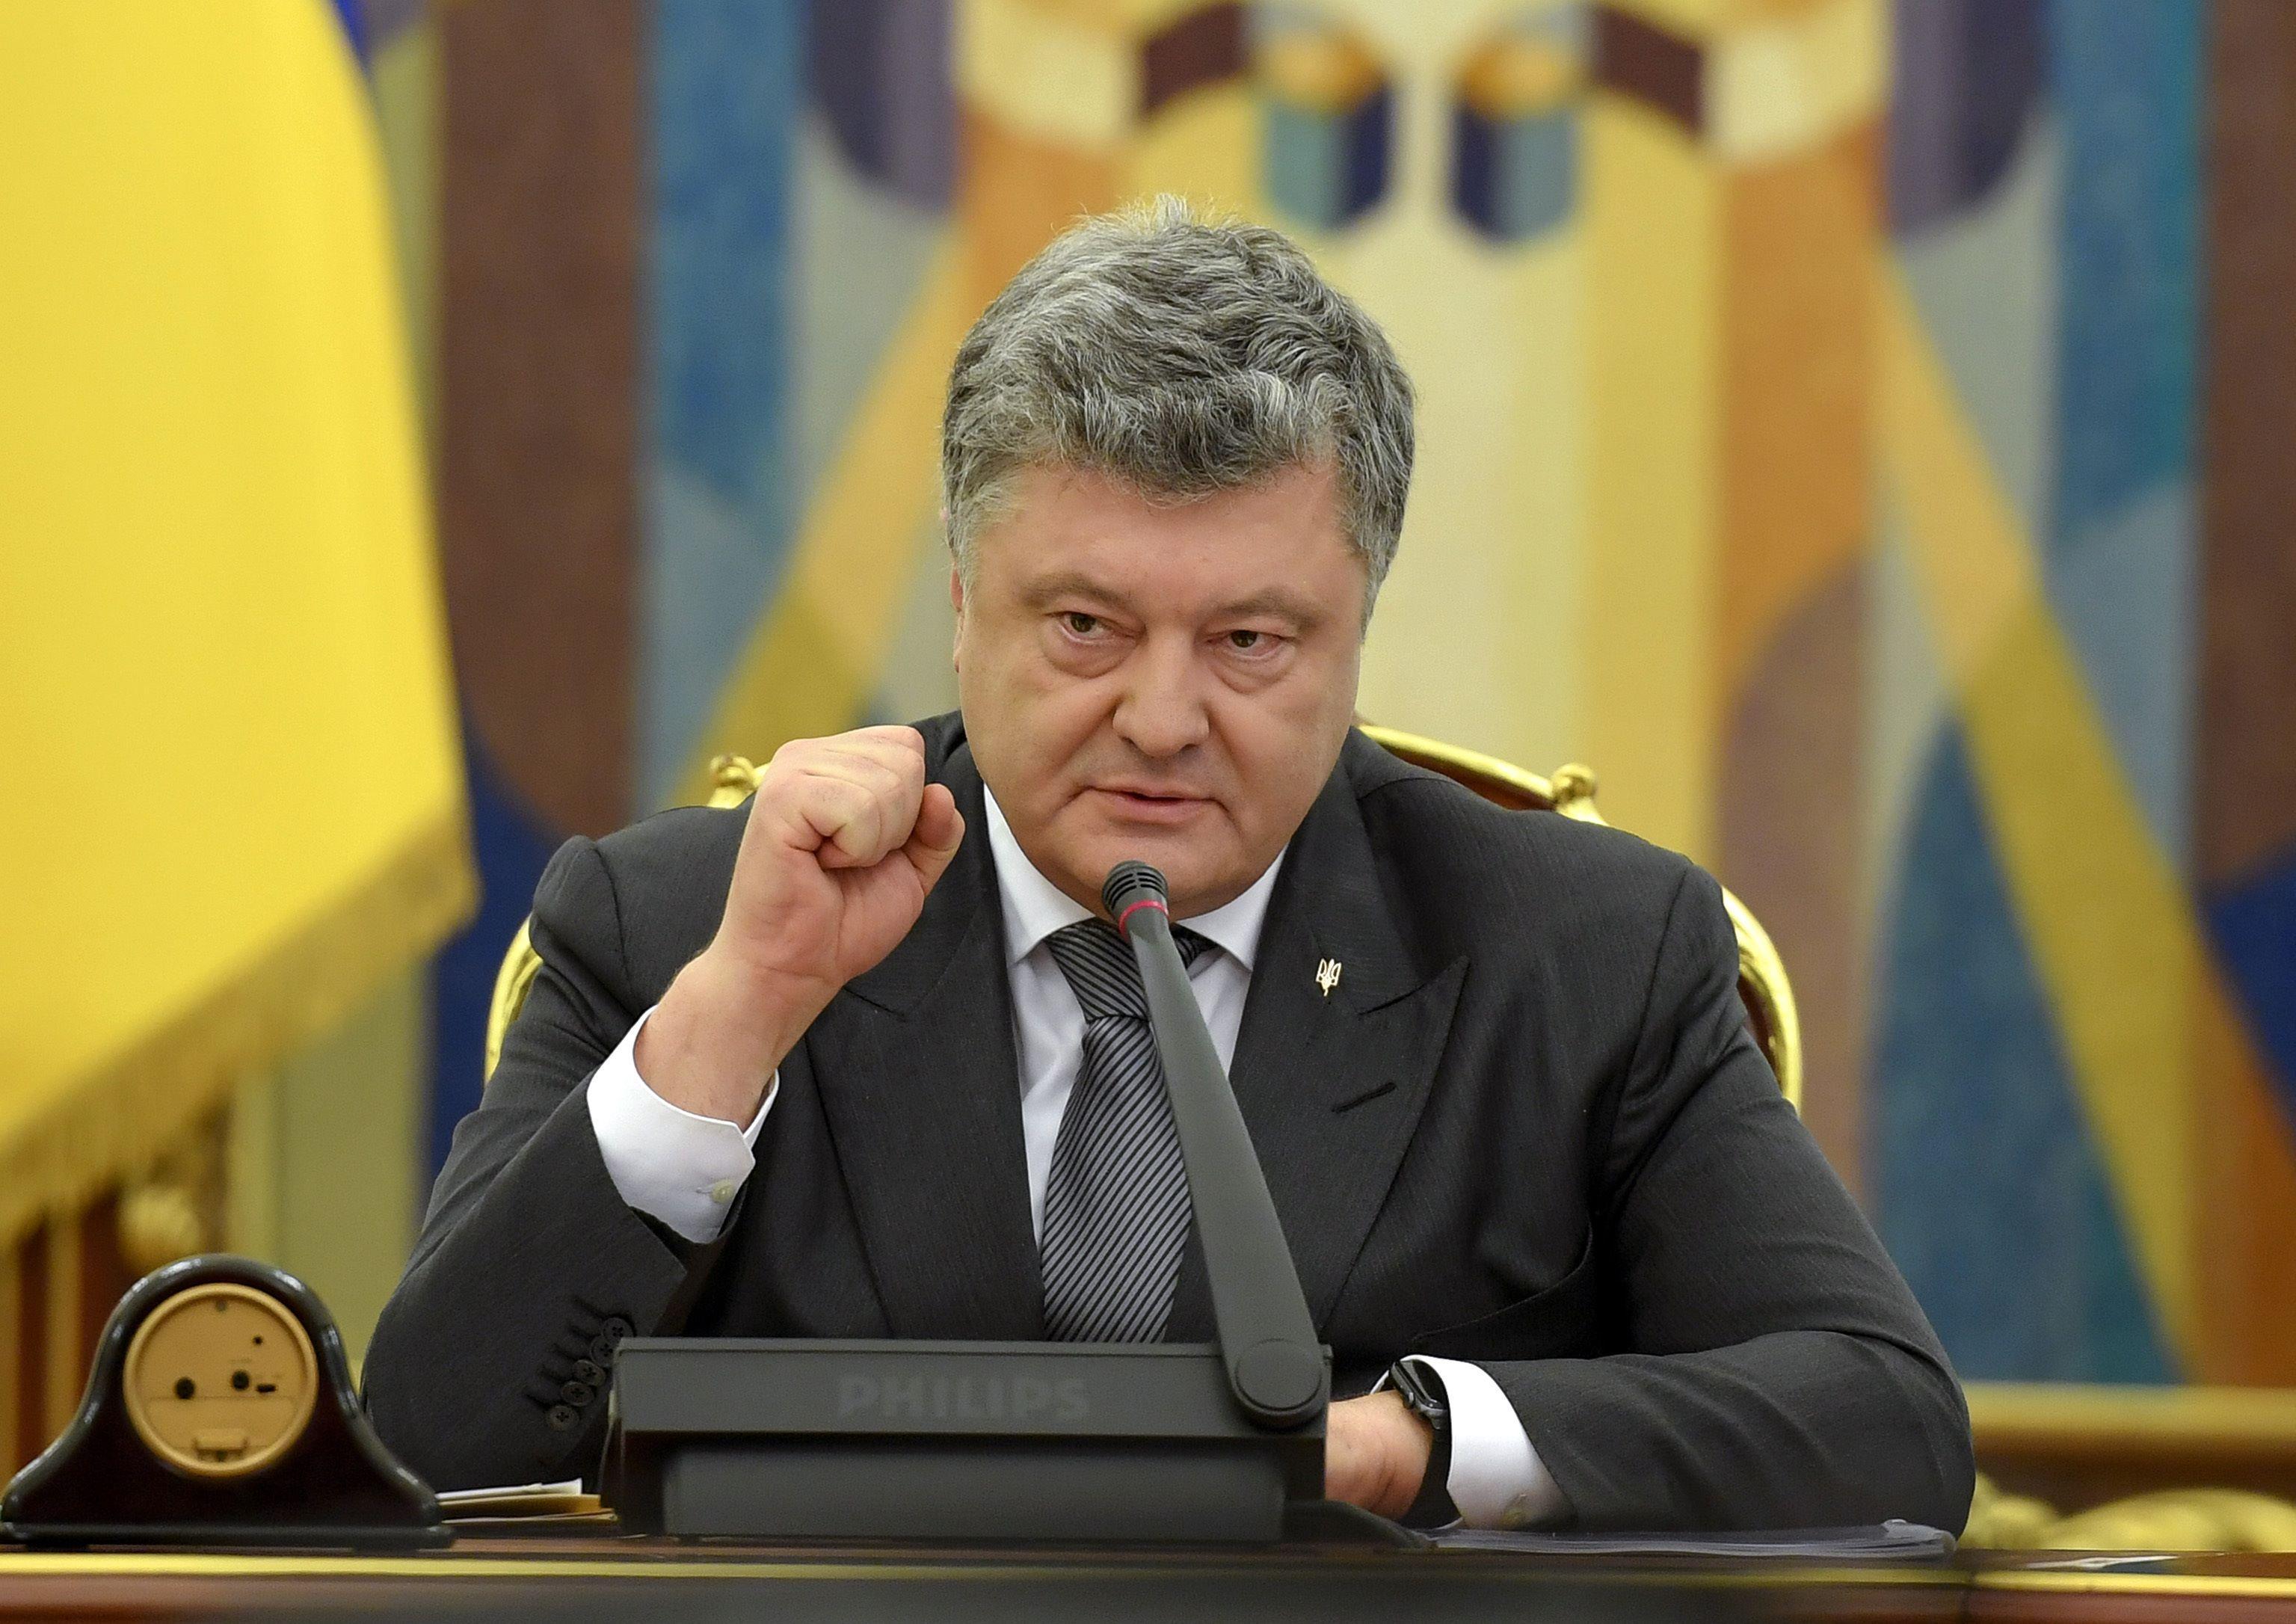 El presidente de Ucrania dice que protegerá a un periodista ruso después del complot